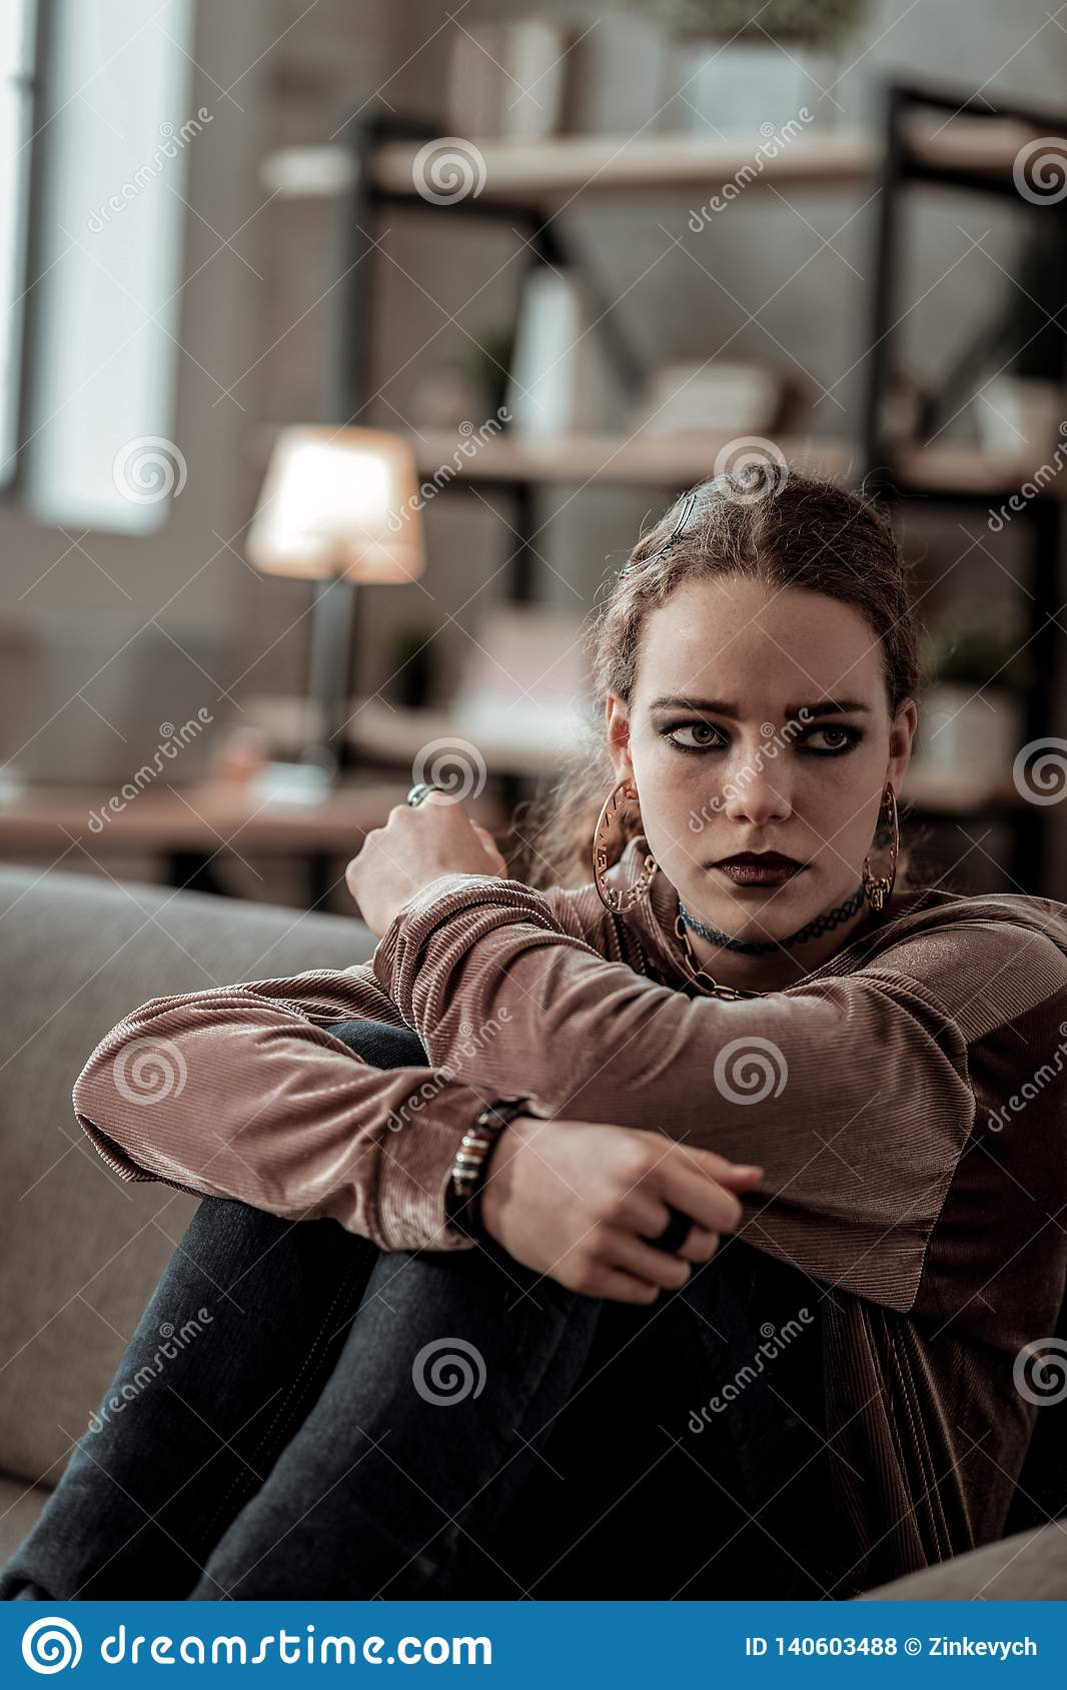 Dunkelhaariges Jugendlichgefühl einsam und In Tränen ausbrechen